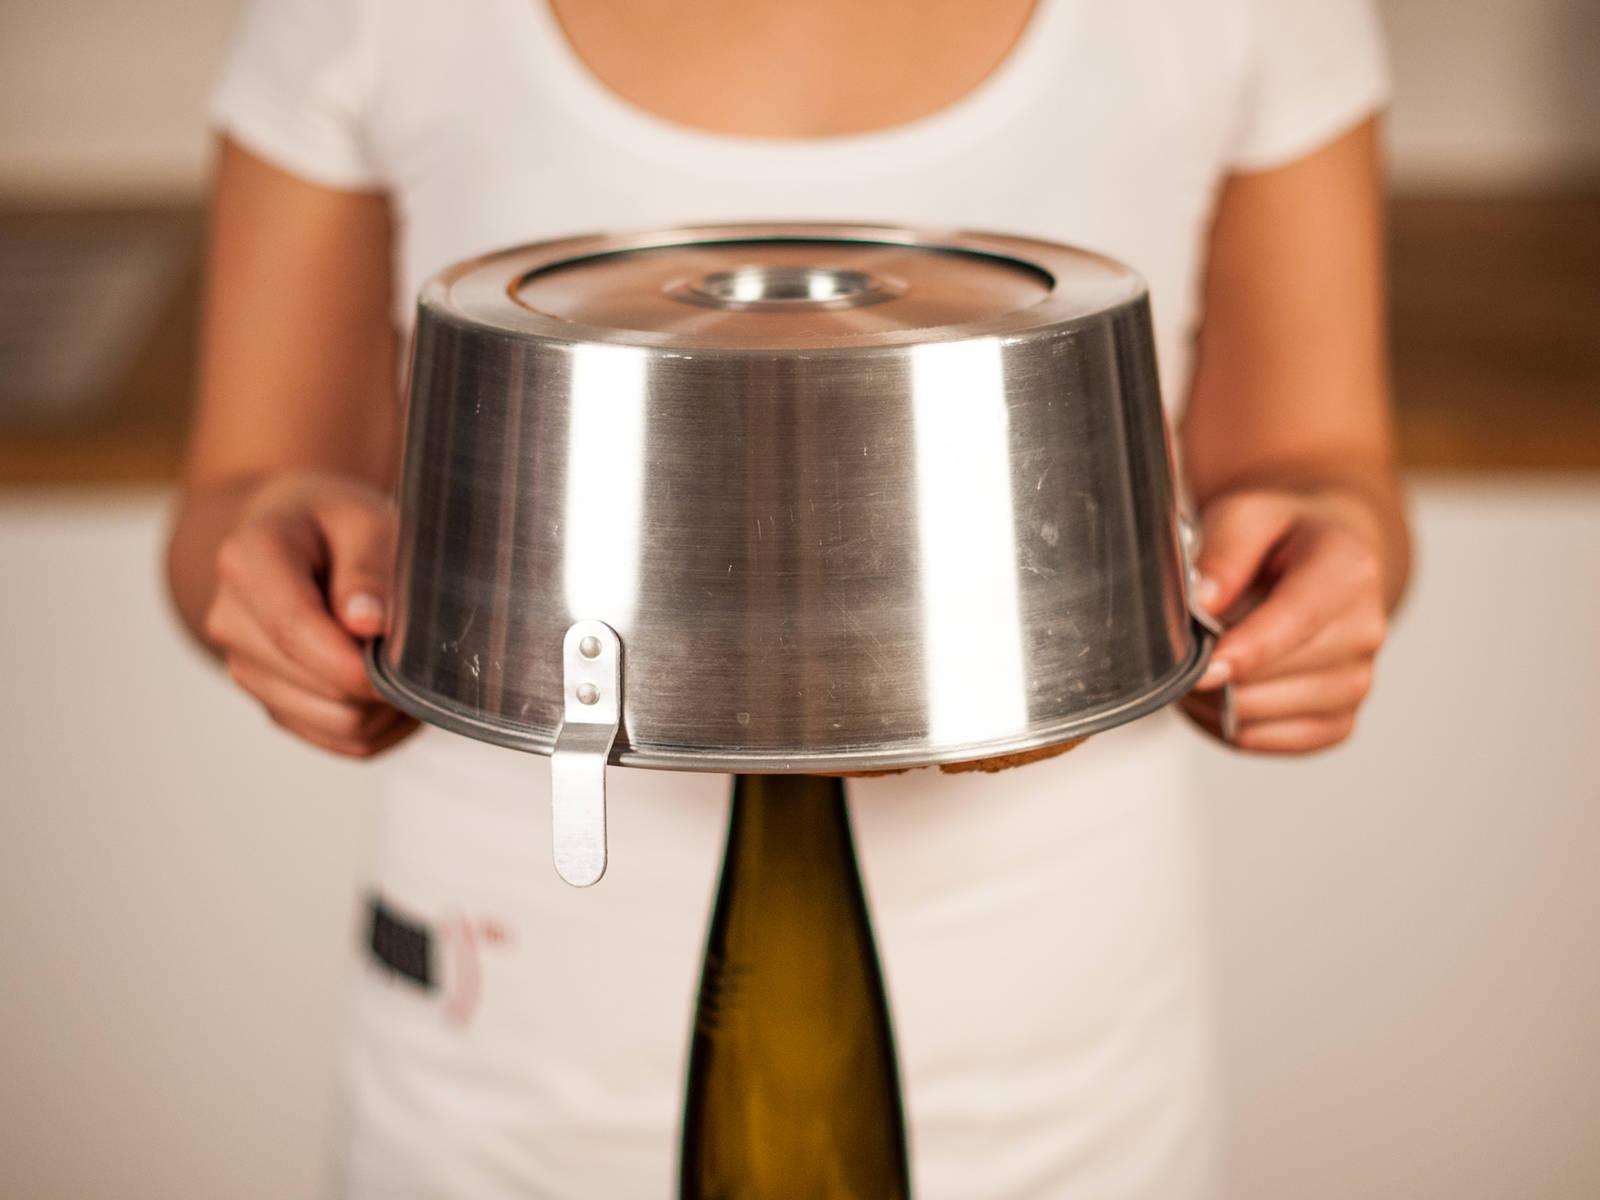 Den fertig gebackenen Kuchen auf die Füße stellen oder mit dem vorhandenen mittleren Loch auf eine Flasche stülpen. Für ca. 1 h auskühlen lassen.